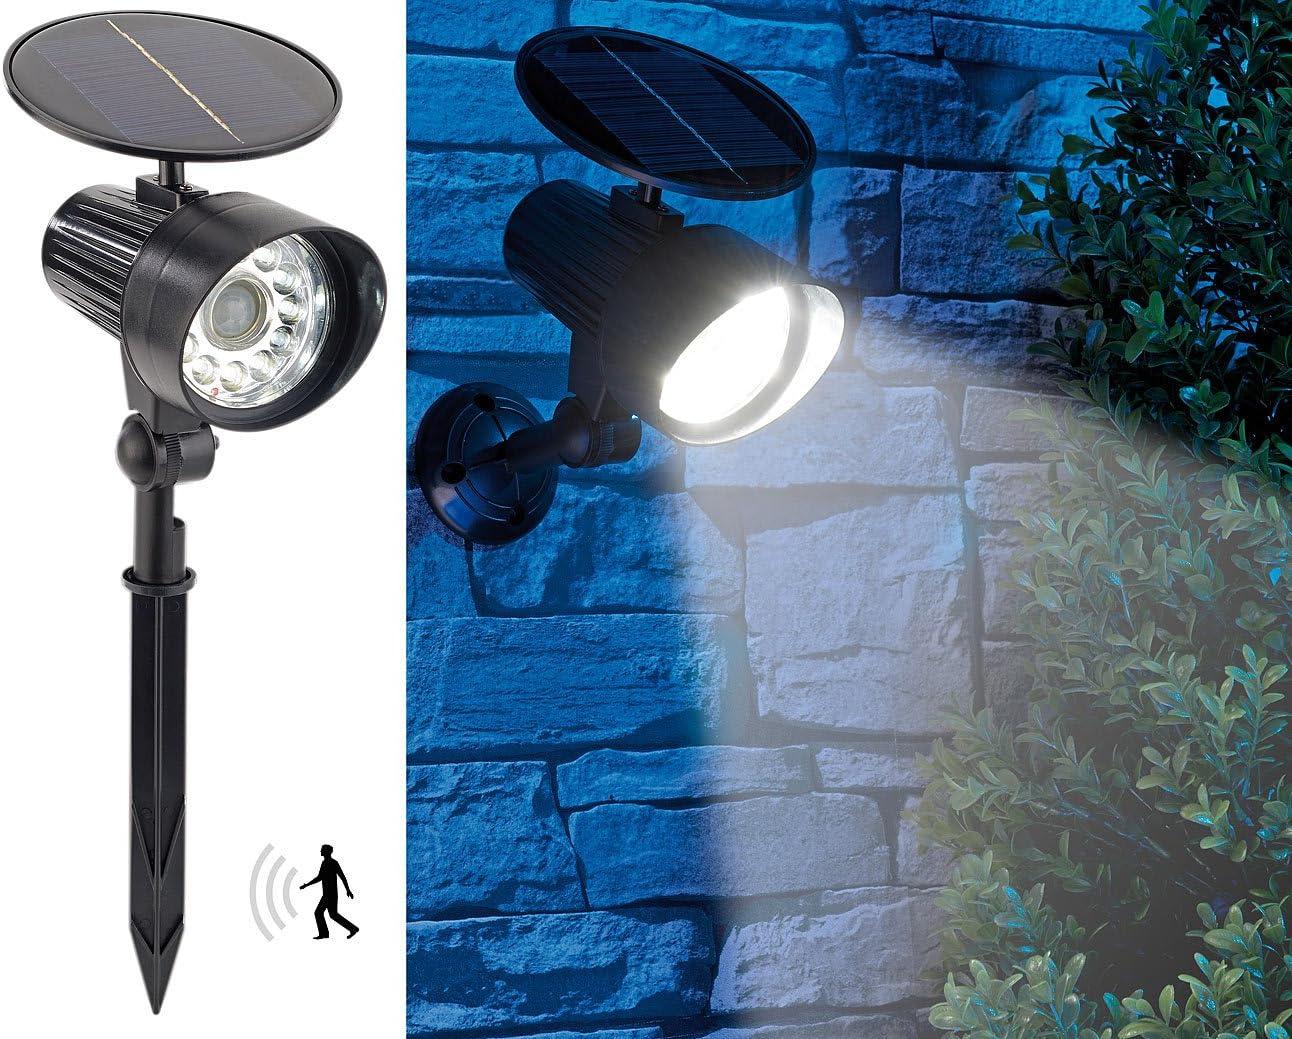 Pflanzenstrahler Solar Spot Solarstrahler Leuchte Light Gartenlampe Wasserdicht